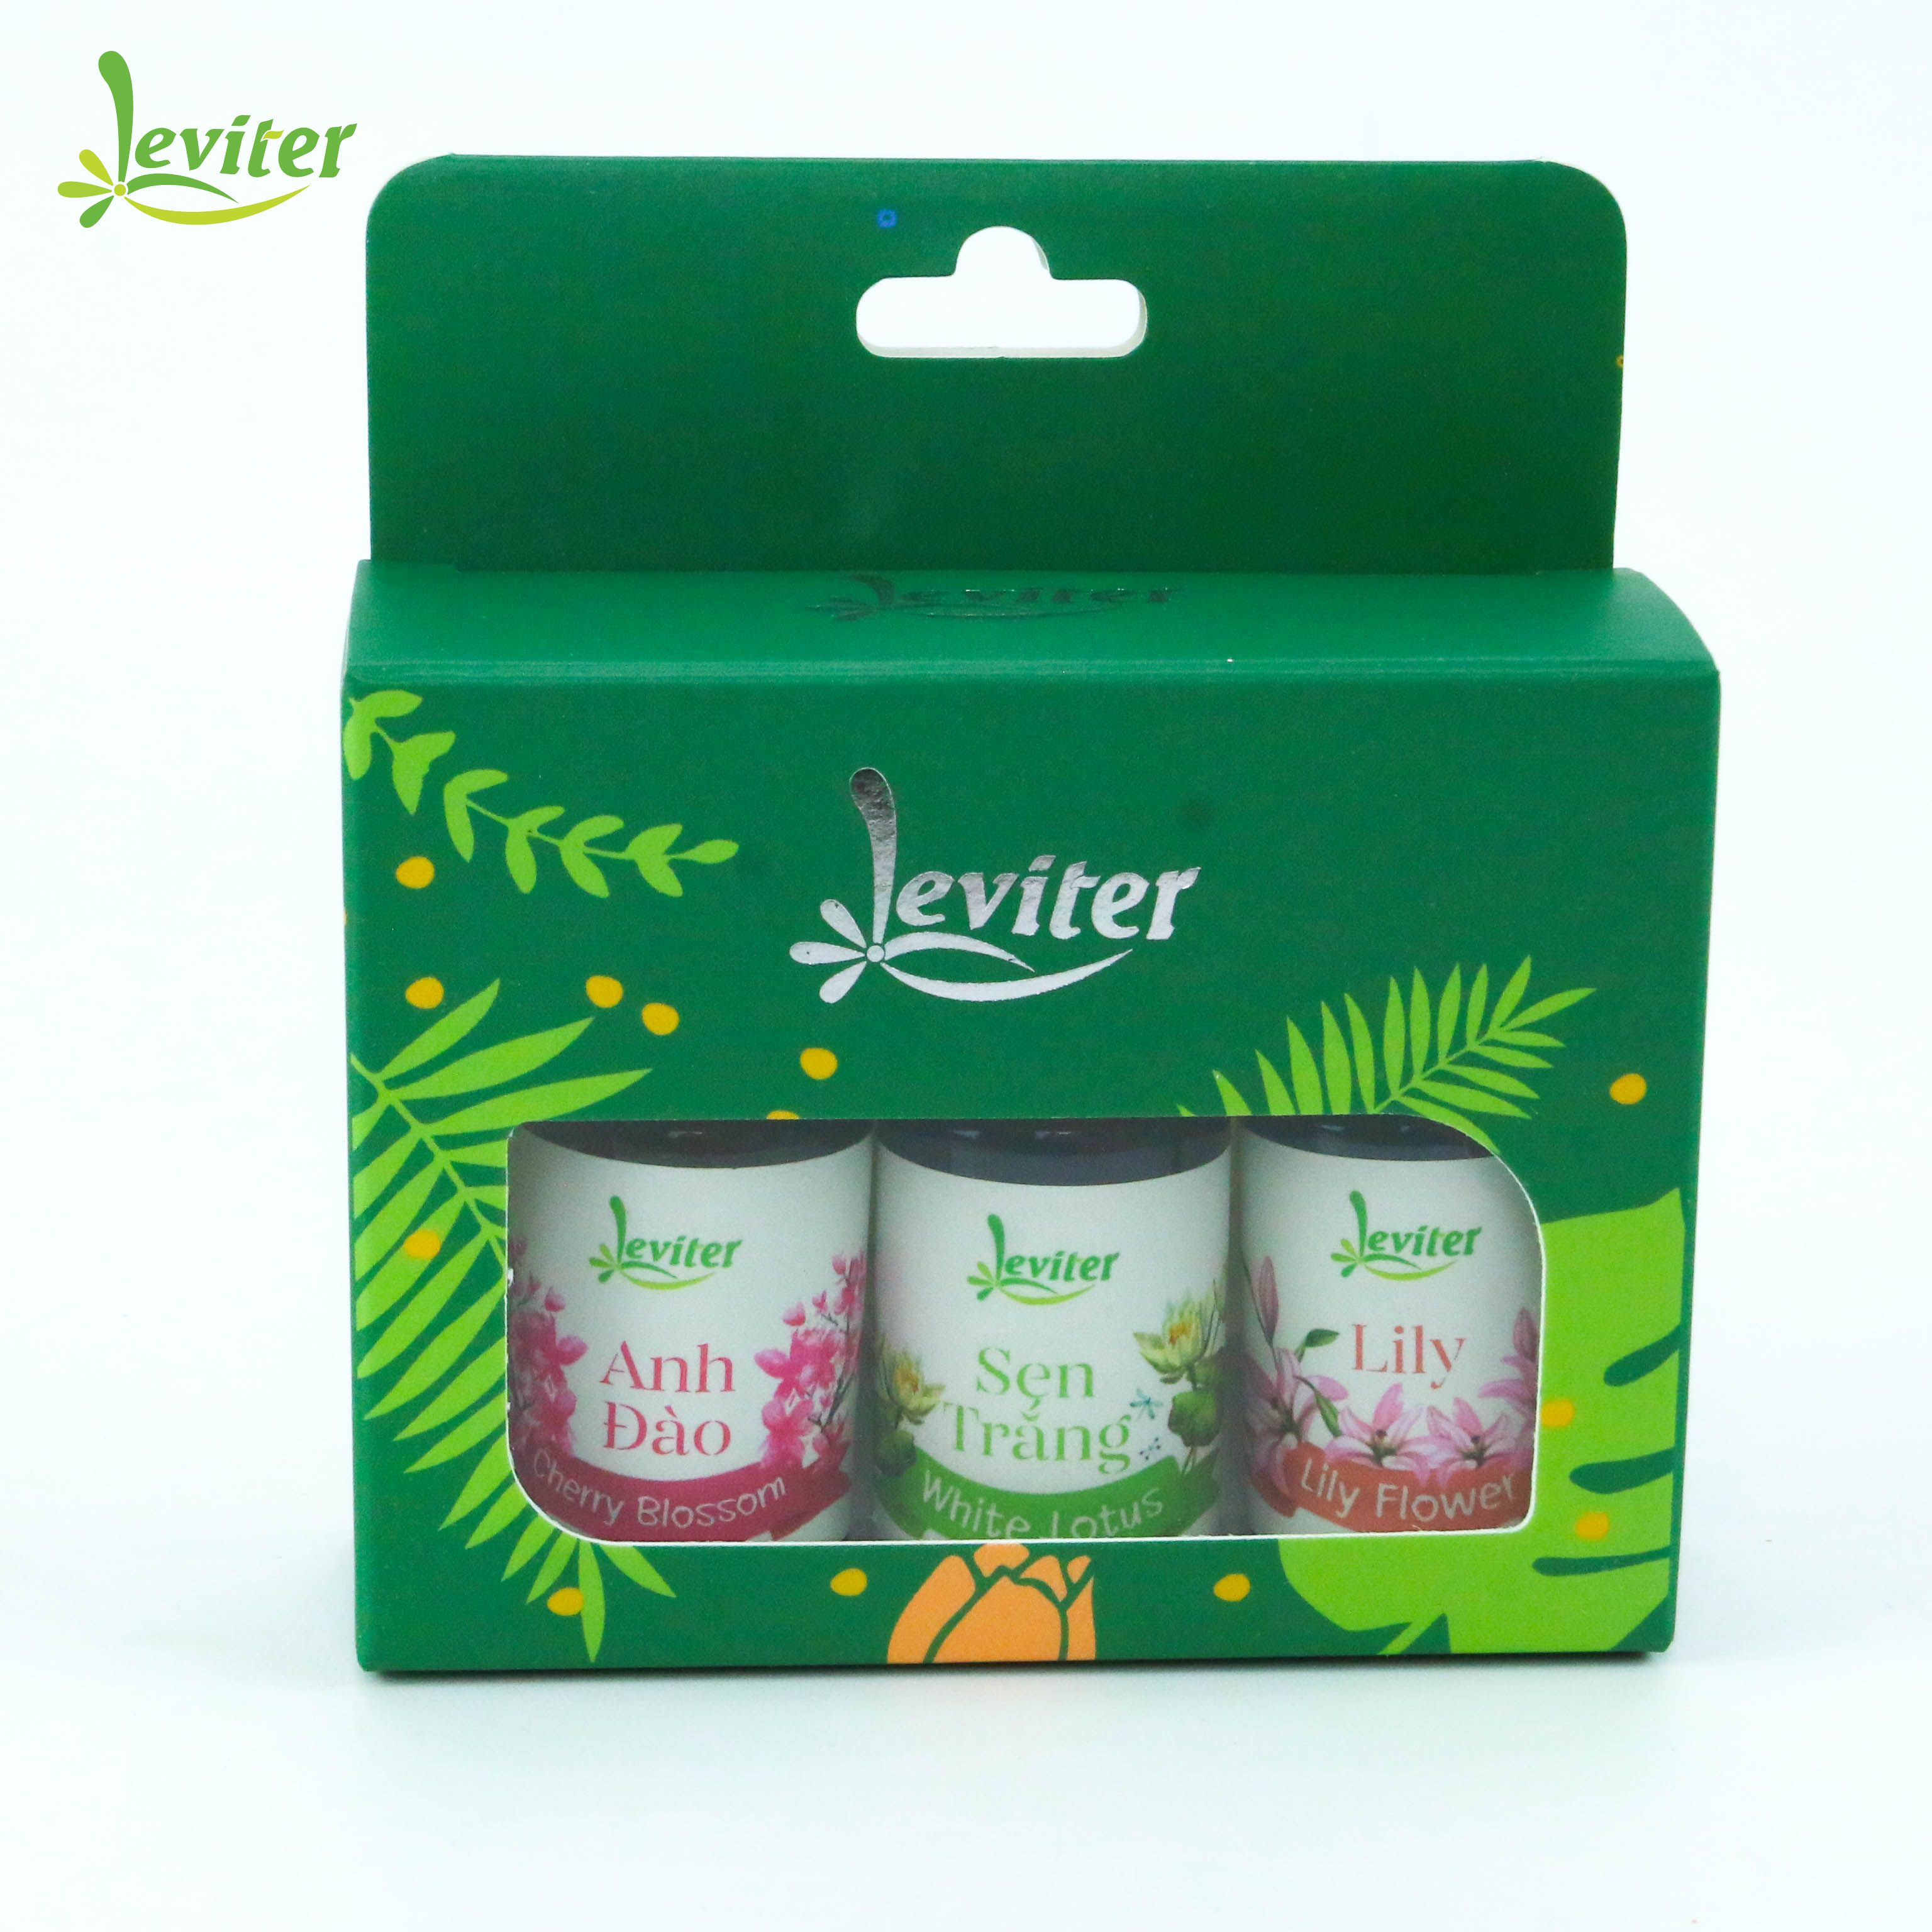 Combo 3 chai Tinh Dầu Leviter Gợi Cảm 10ml Hương Anh Đào, Sen Trắng, Lily giúp khử mùi, tăng sự gợi cảm cho không gian thơm mát - 23135165 , 7555134828677 , 62_10190172 , 470000 , Combo-3-chai-Tinh-Dau-Leviter-Goi-Cam-10ml-Huong-Anh-Dao-Sen-Trang-Lily-giup-khu-mui-tang-su-goi-cam-cho-khong-gian-thom-mat-62_10190172 , tiki.vn , Combo 3 chai Tinh Dầu Leviter Gợi Cảm 10ml Hương An